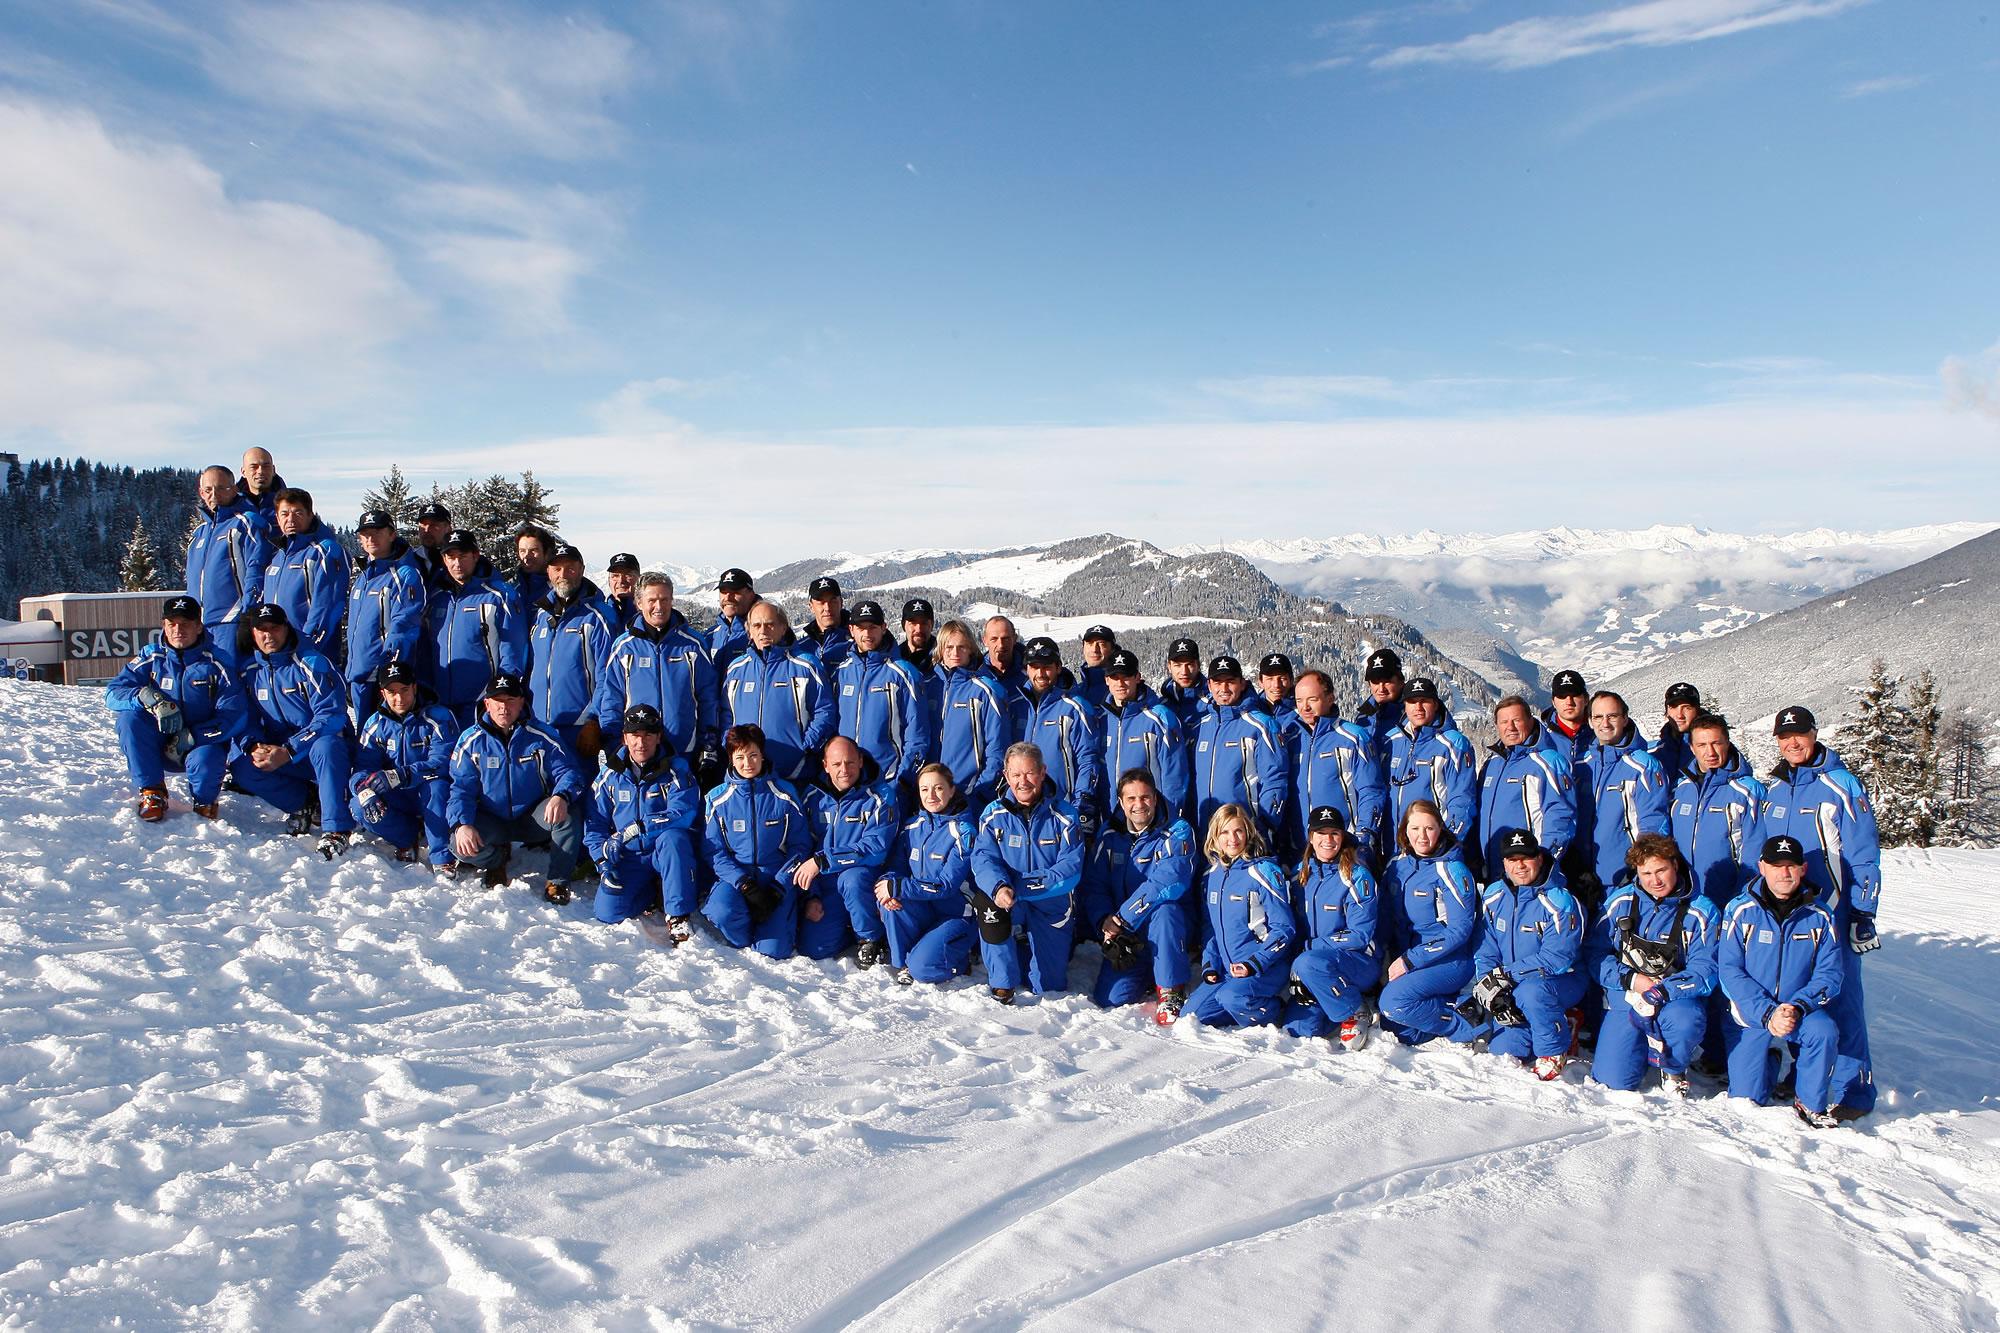 Foto: Robert Perathoner / FIS Ski World Cup Gardena Gröden